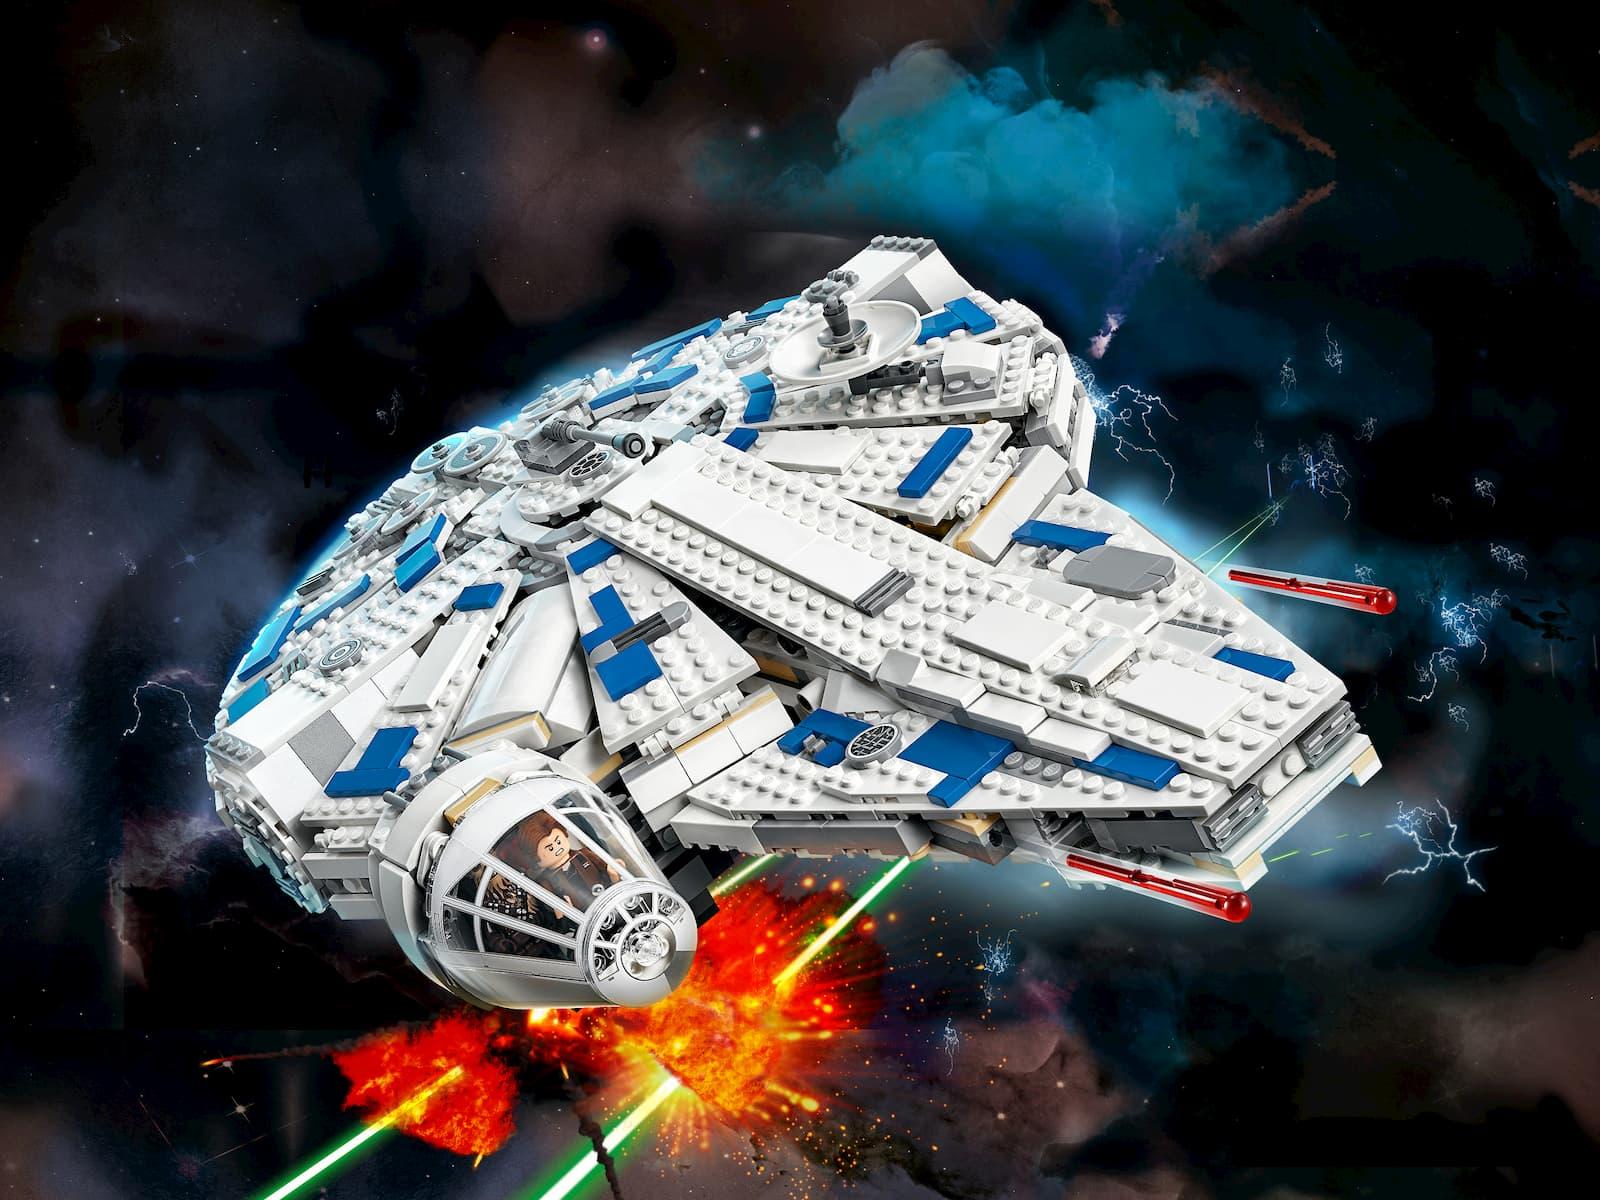 Конструктор Ll «Сокол Тысячелетия на Дуге Кесселя» 35029 (Star Wars 75212) / 1490 деталей